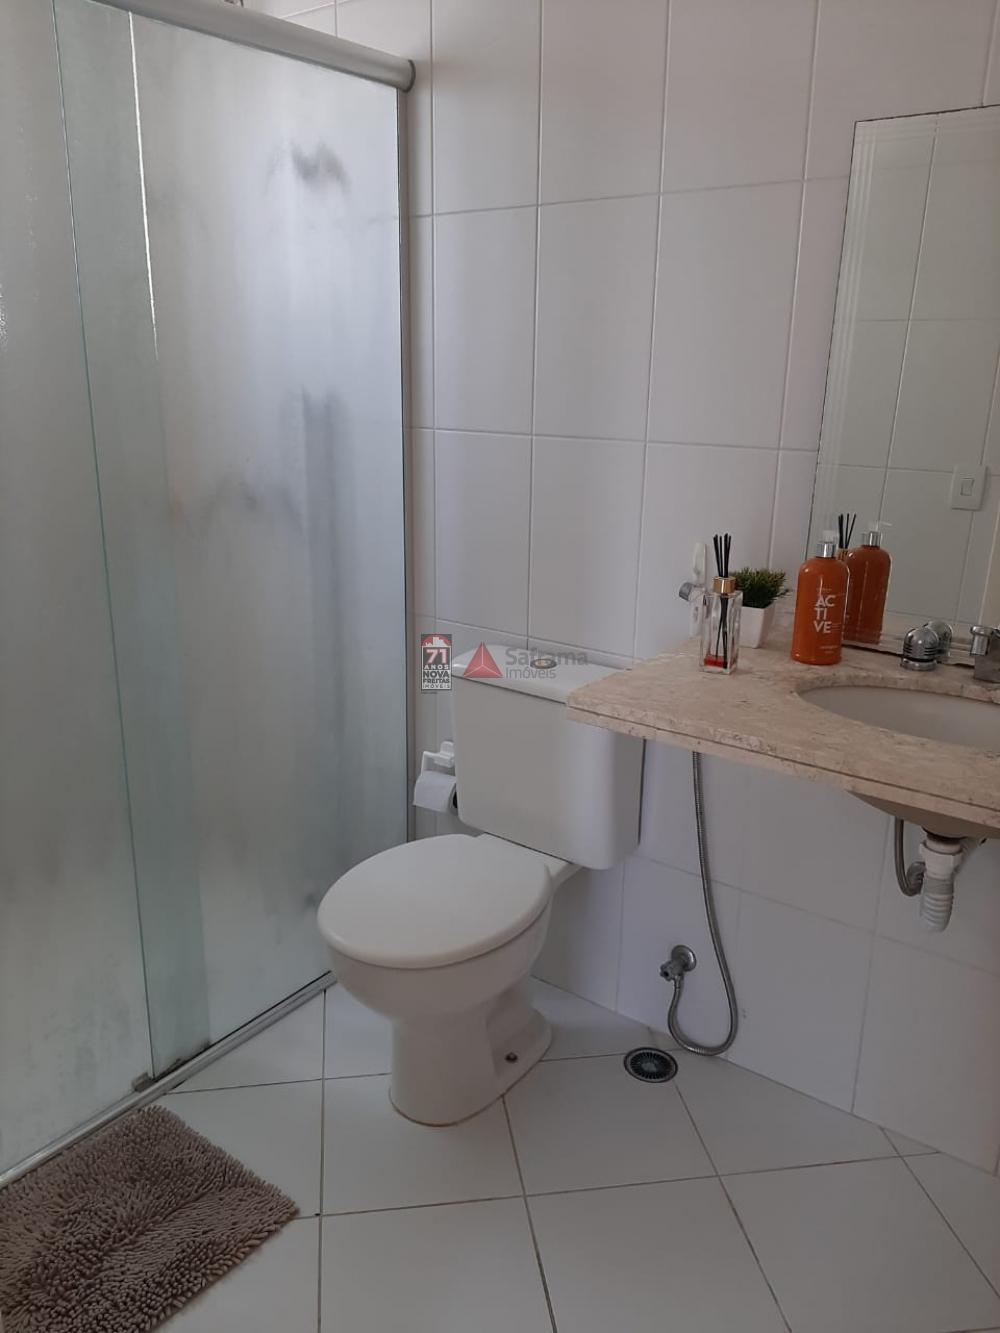 Comprar Apartamento / Padrão em São José dos Campos R$ 610.000,00 - Foto 5